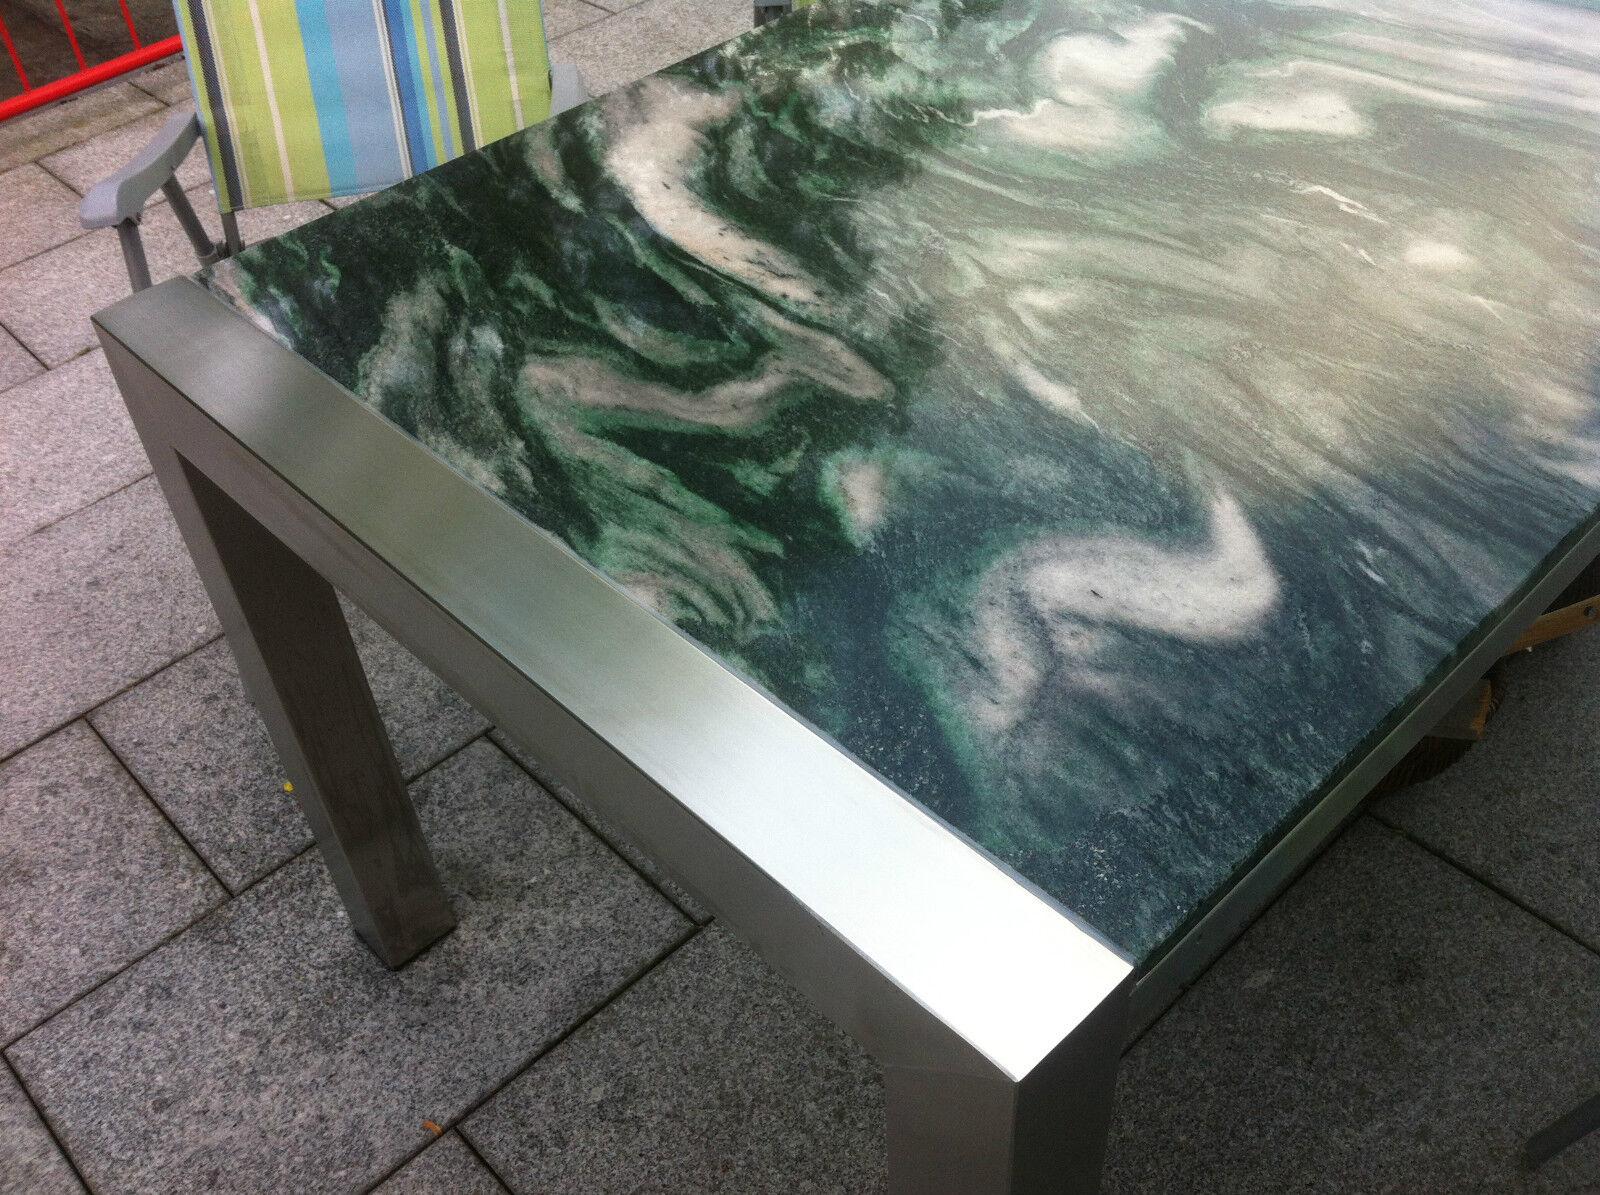 Gartentisch wohnzimmertisch 160x90 naturstein gr n - Wohnzimmertisch stein ...